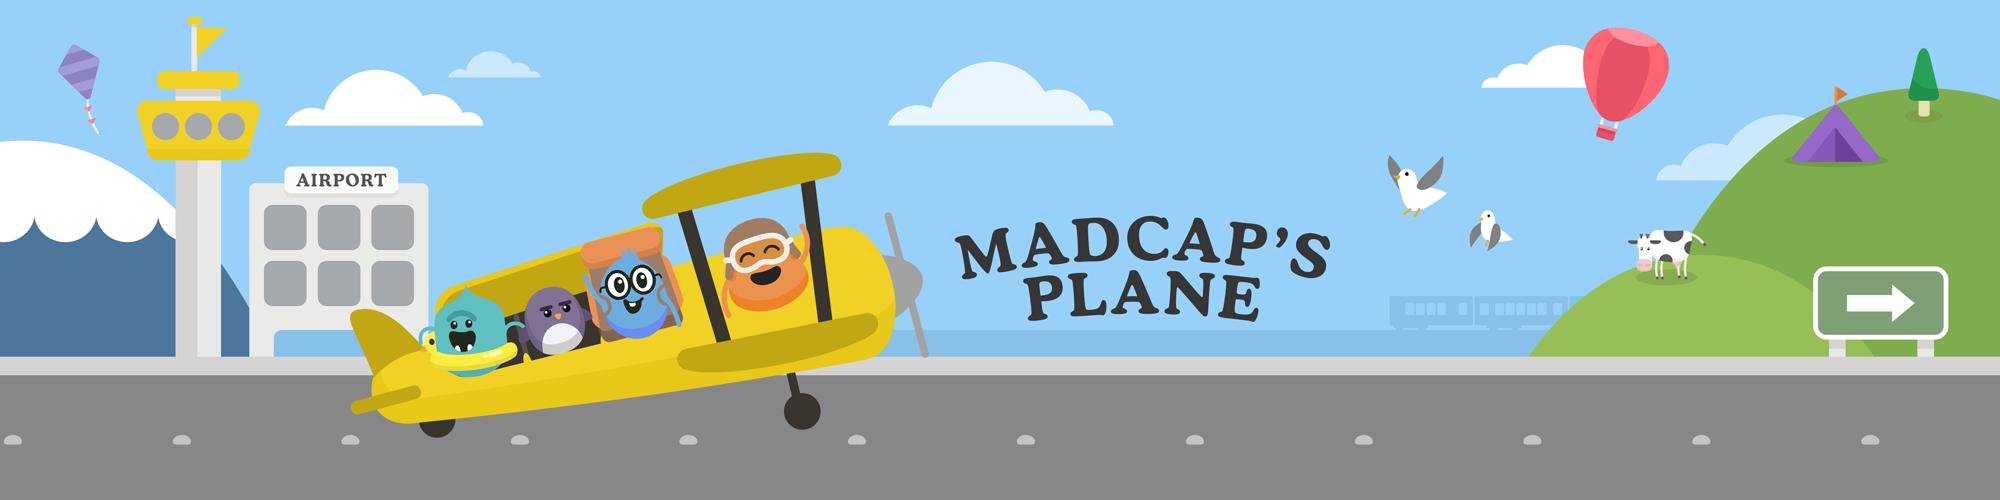 Madcap_FeaturingArt_4320x1080.png